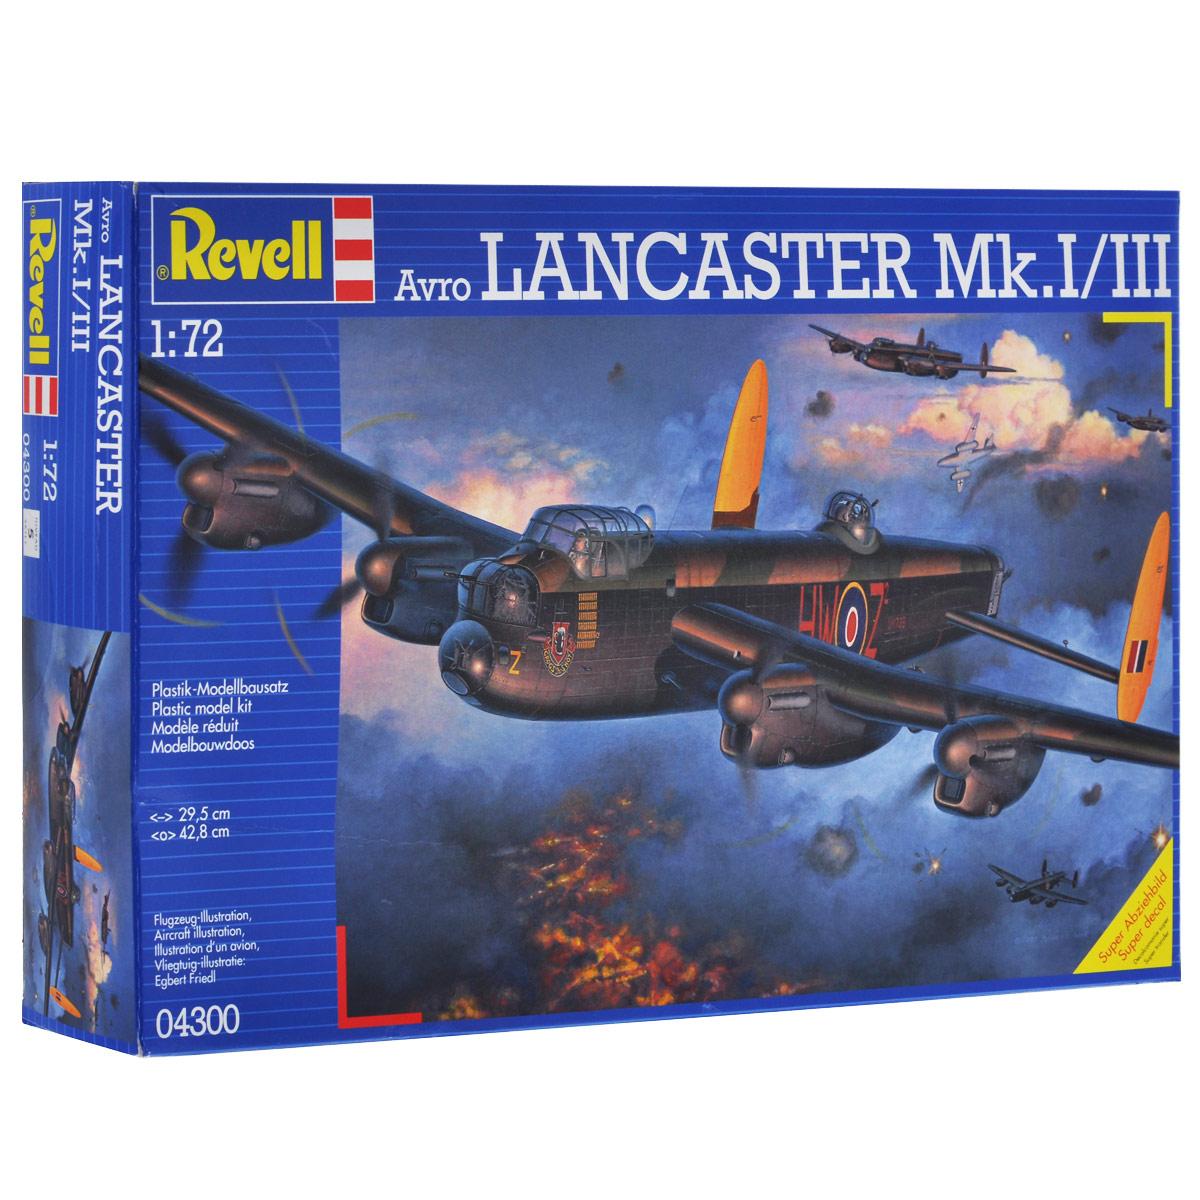 Сборная модель Revell Самолет Avro Lancaster Mk. I/III4300Сборная модель Revell Самолет Avro Lancaster Mk. I/III поможет вам и вашему ребенку придумать увлекательное занятие на долгое время. Набор включает в себя 257 пластиковых элементов, из которых можно собрать достоверную уменьшенную копию одноименного британского тяжелого бомбардировщика. Во время Второй мировой войны Avro Lancaster являлся одним из основных бомбардировщиков ВВС Великобритании. Самолеты данного типа совершили более 150 тысяч боевых вылетов. Всего ими было сброшено около 600 тысяч тонн бомб. Известность самолету принесла операция против немецких плотин в Руре, в которой были задействованы эти машины. Всего было произведено 7377 экземпляров. В ряде стран самолет состоял на вооружении до 1963 года. Также в наборе схематичная инструкция по сборке. Процесс сборки развивает интеллектуальные и инструментальные способности, воображение и конструктивное мышление, а также прививает практические навыки работы со схемами и чертежами. Уровень сложности: 5. ...